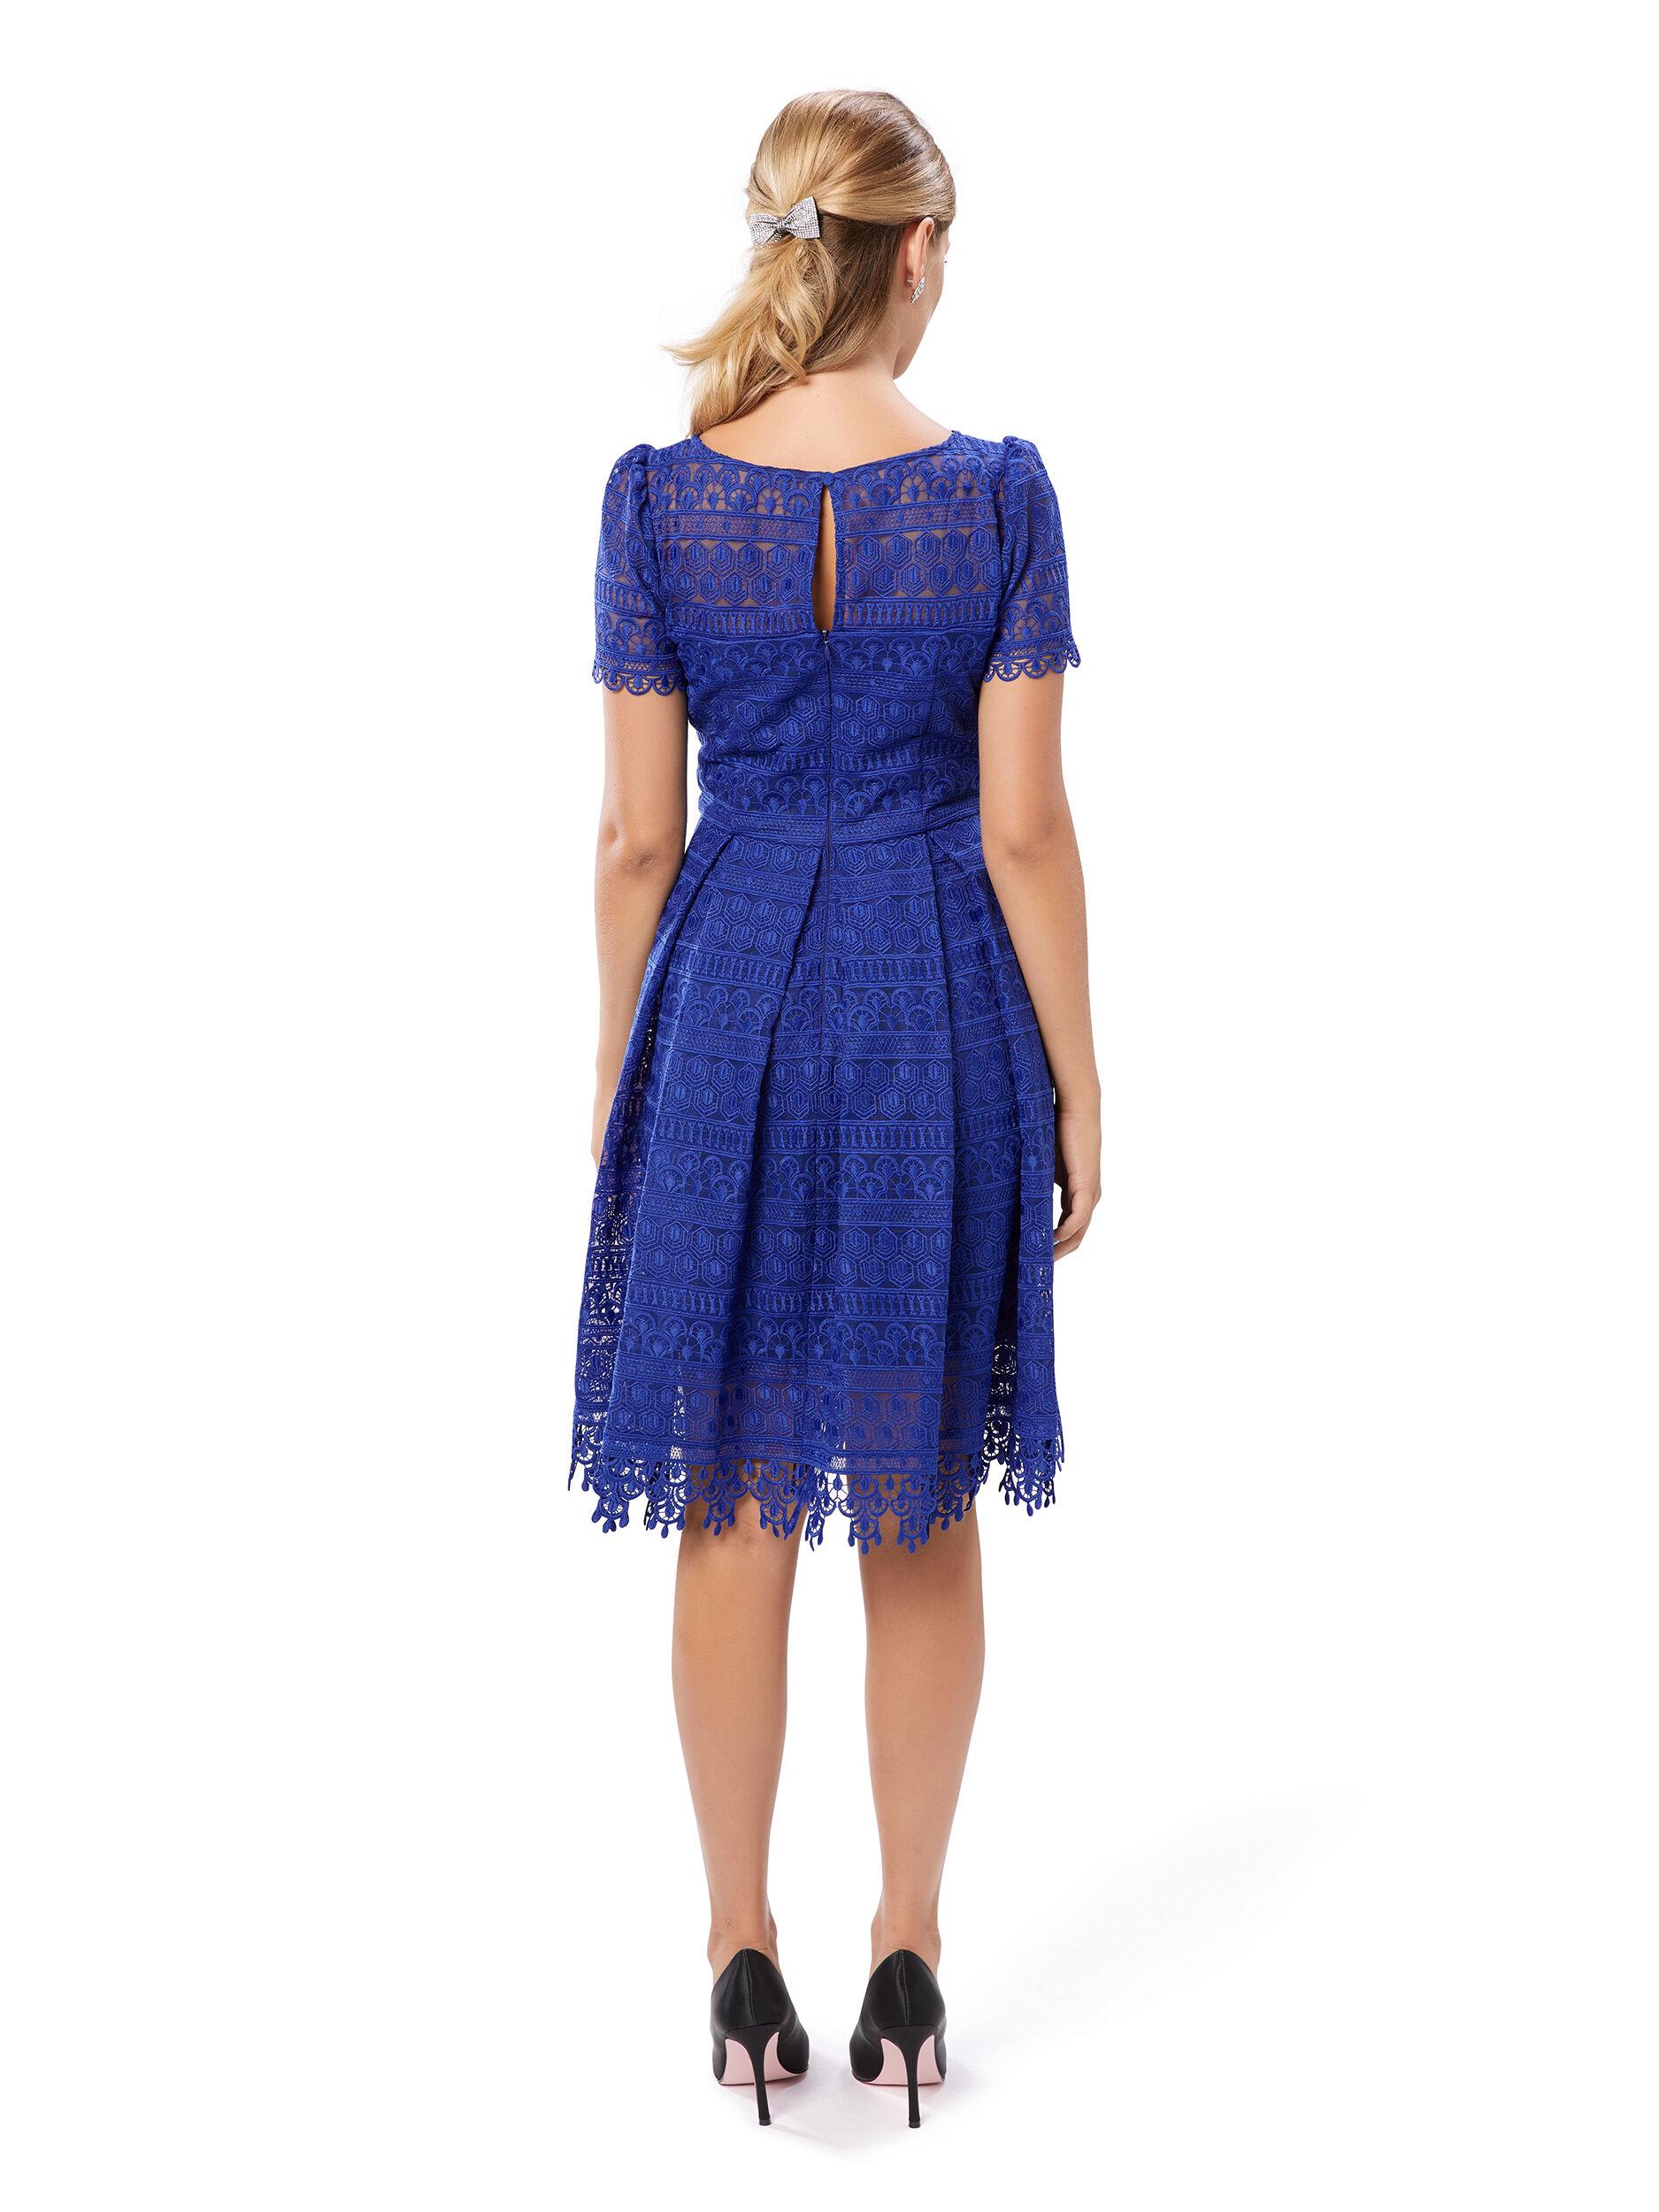 Shanghai Dress